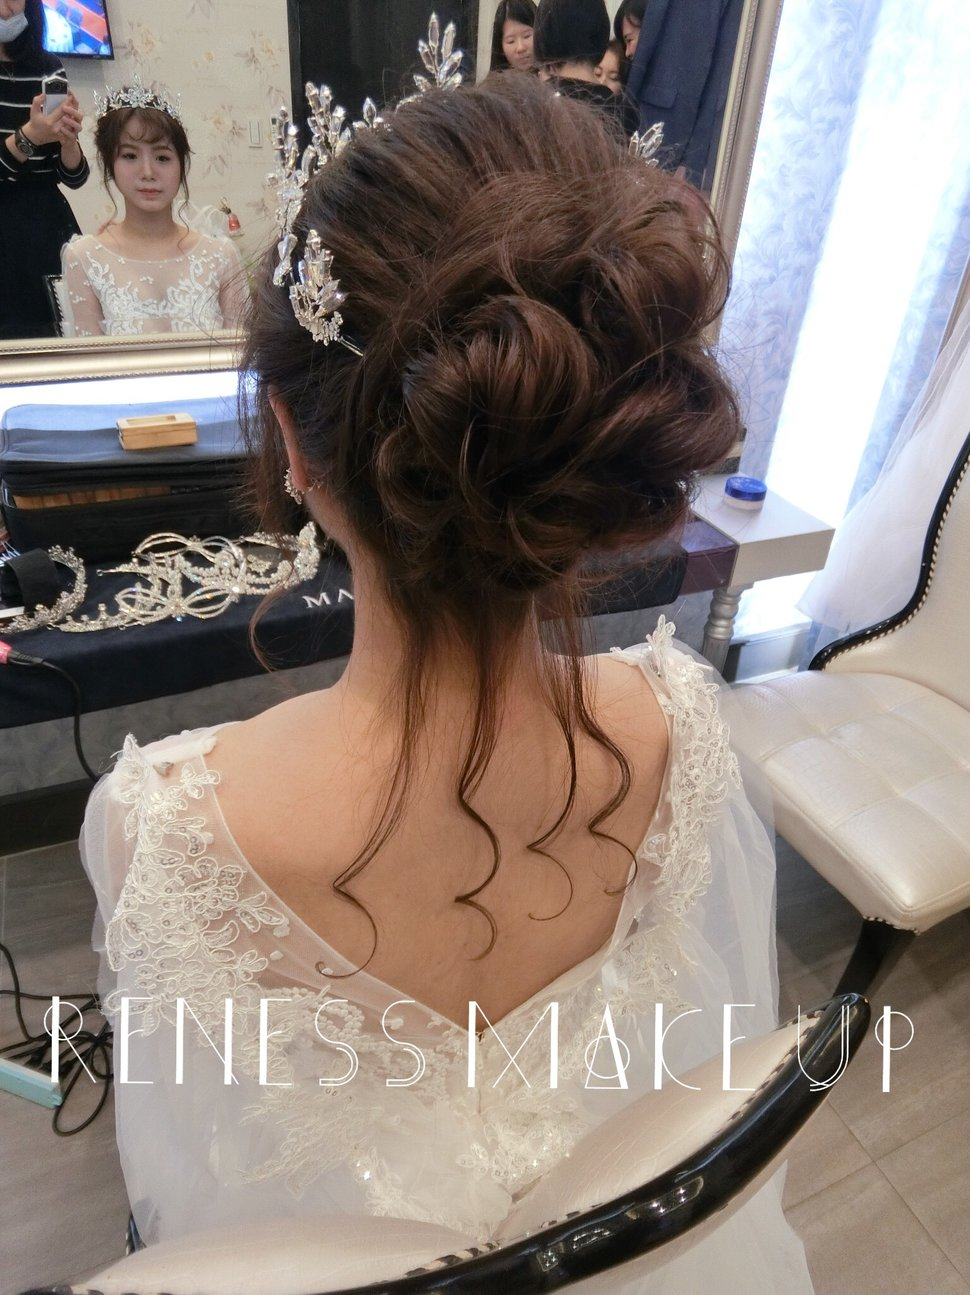 5D611814-B538-4D48-BDF1-CB5CE897F684 - Reness bridal makeup《結婚吧》